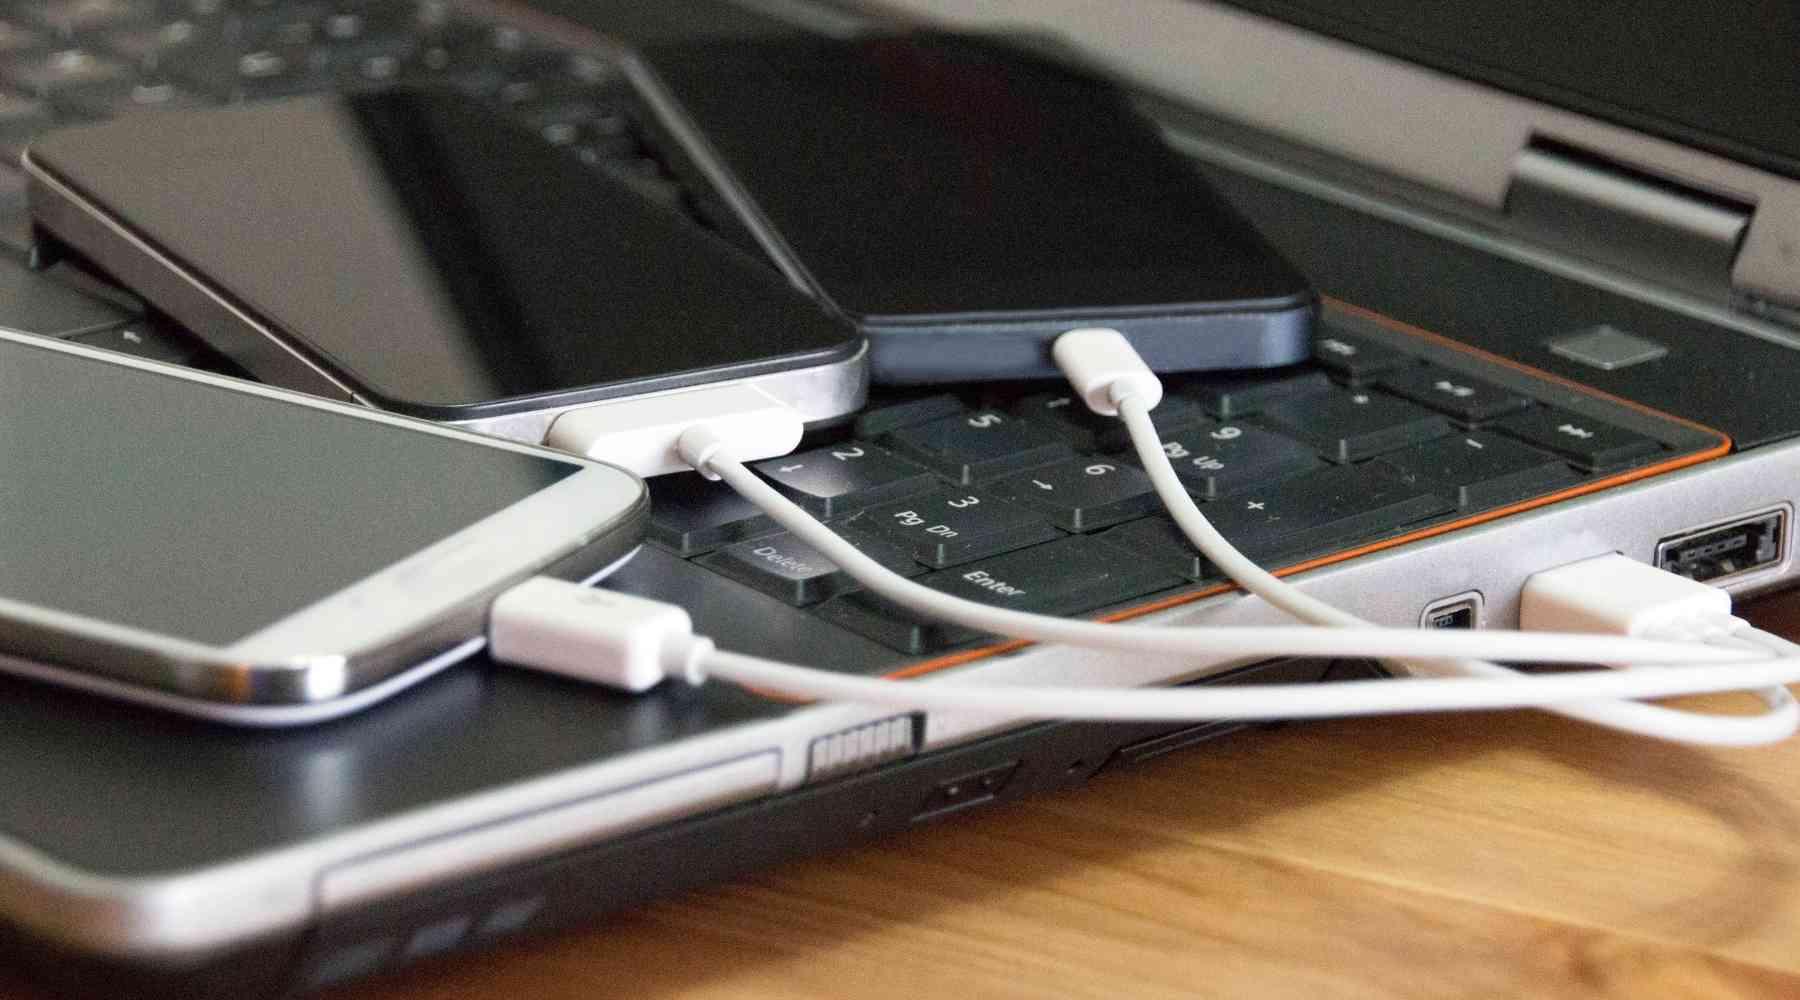 Best Items to Flip - Smartphones